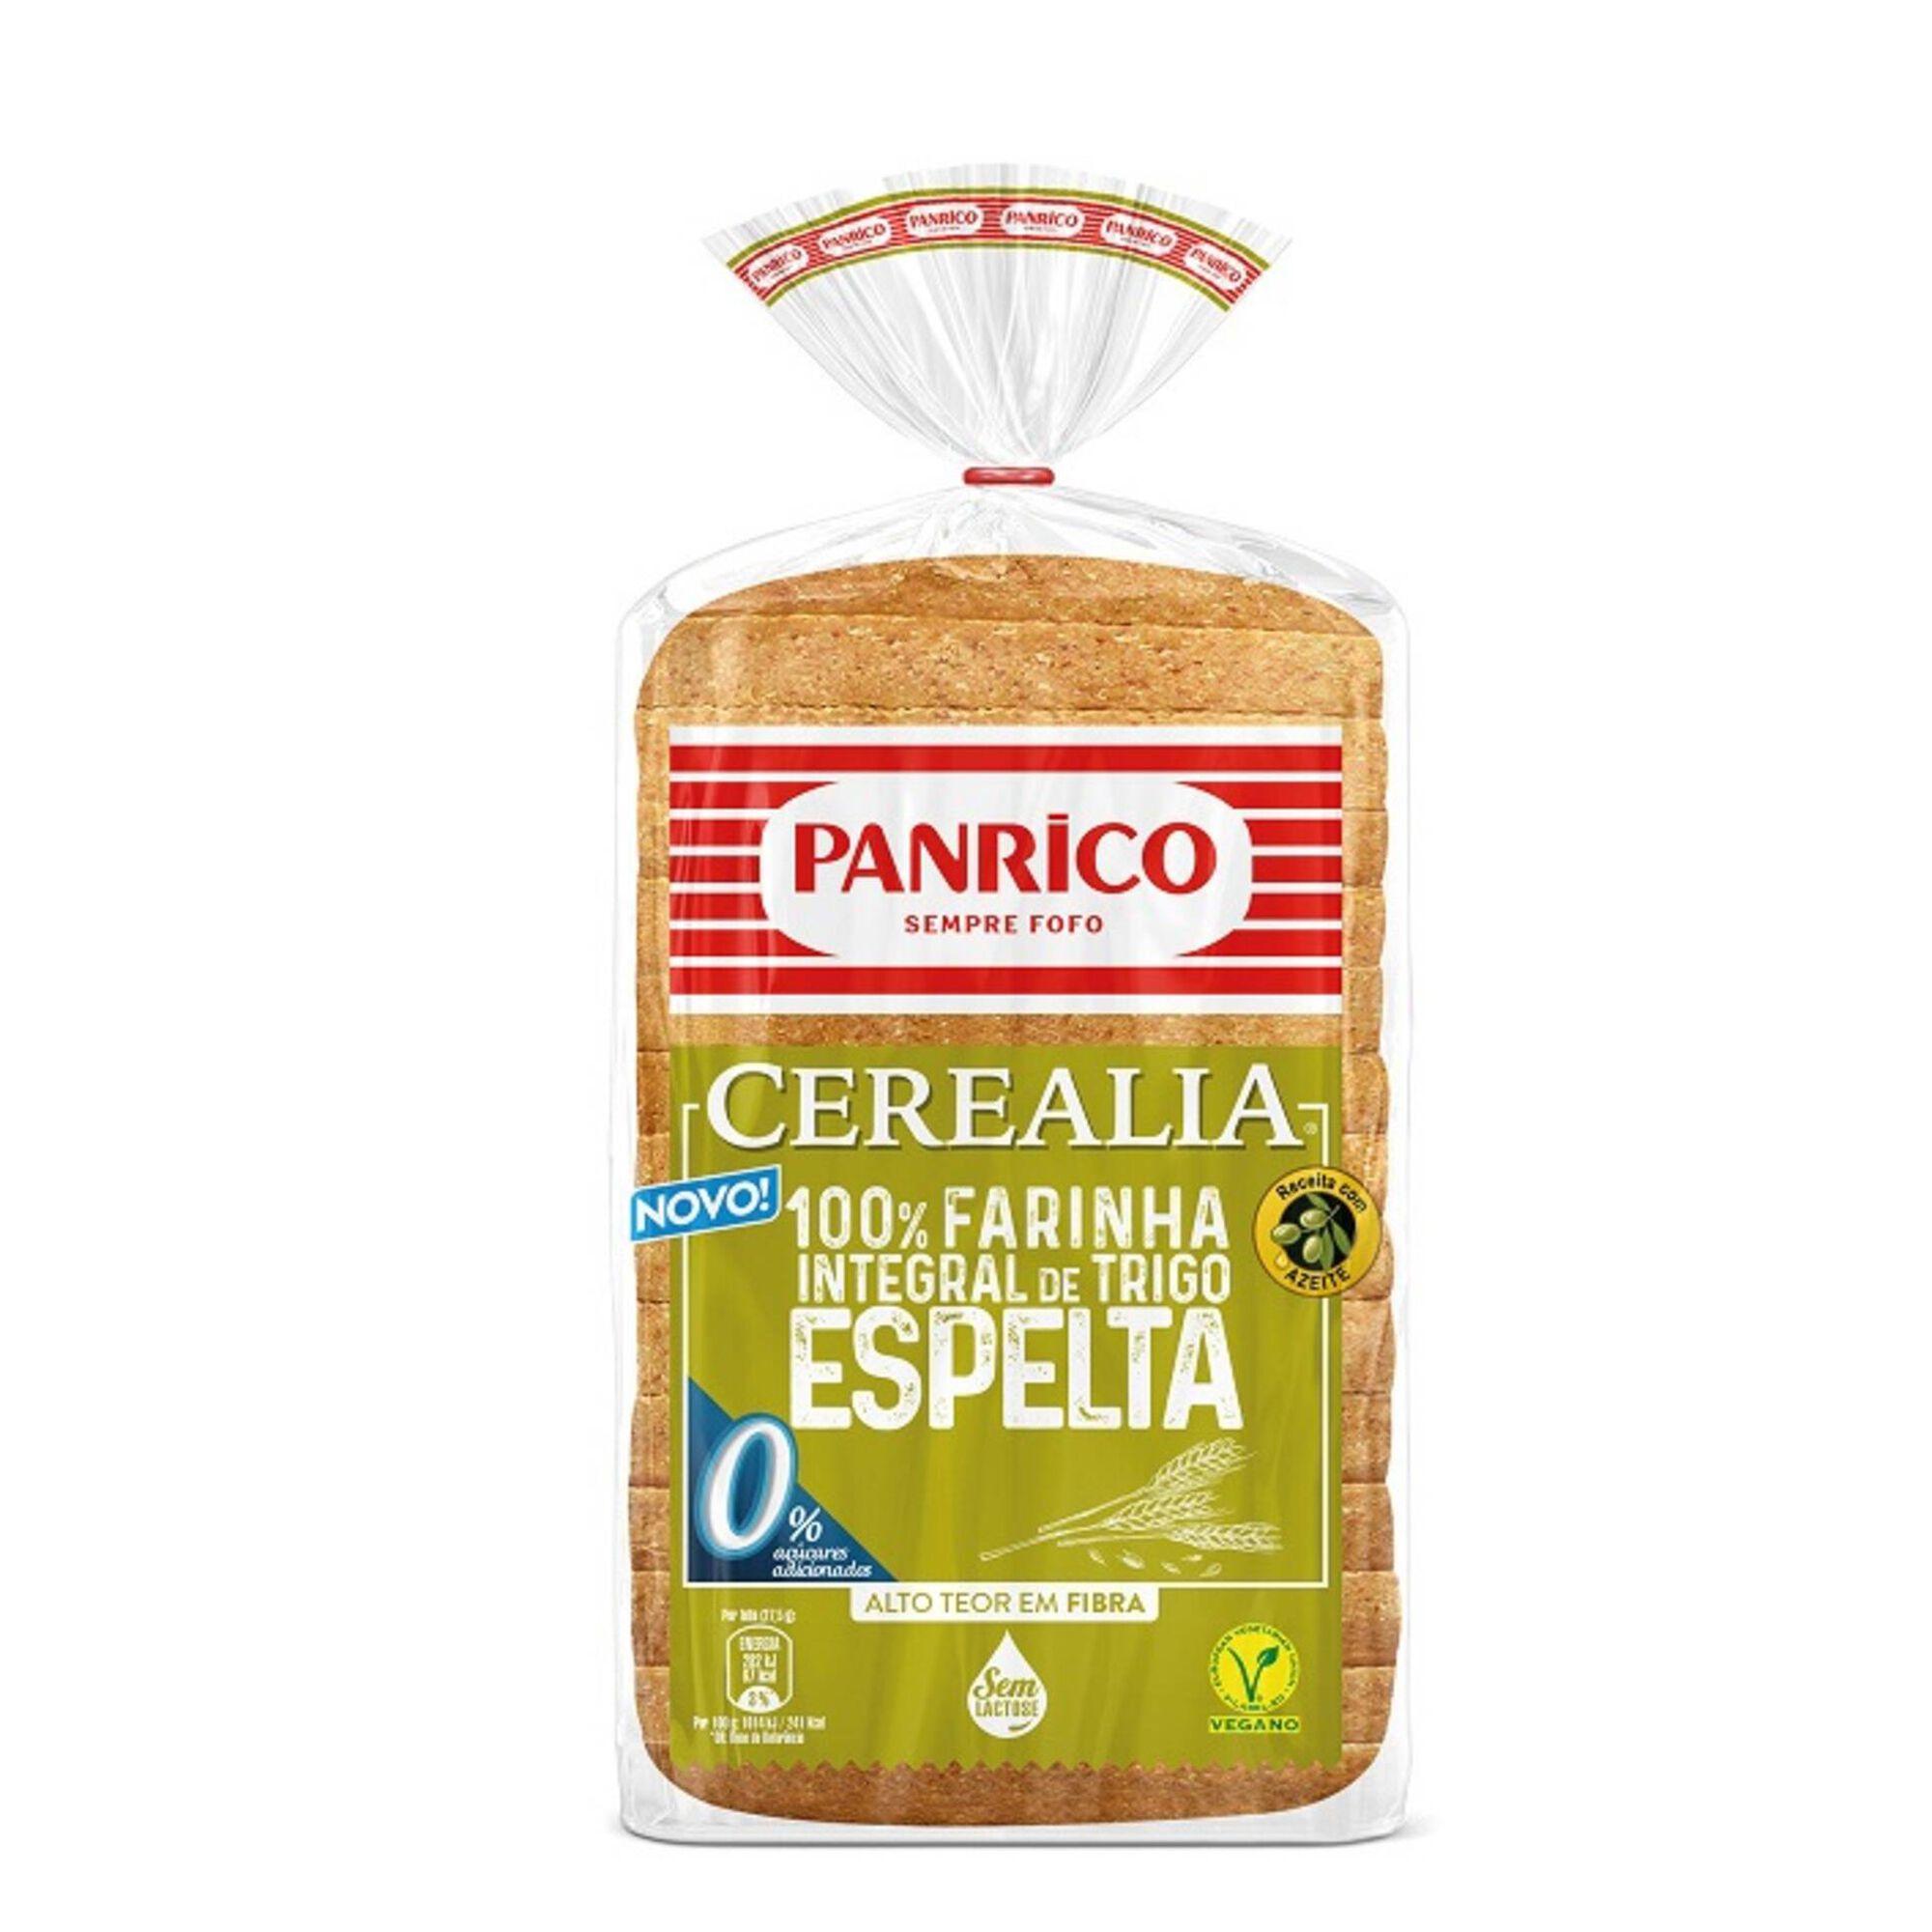 Pão Cerealia 100% Farinha Integral de Trigo Espelta